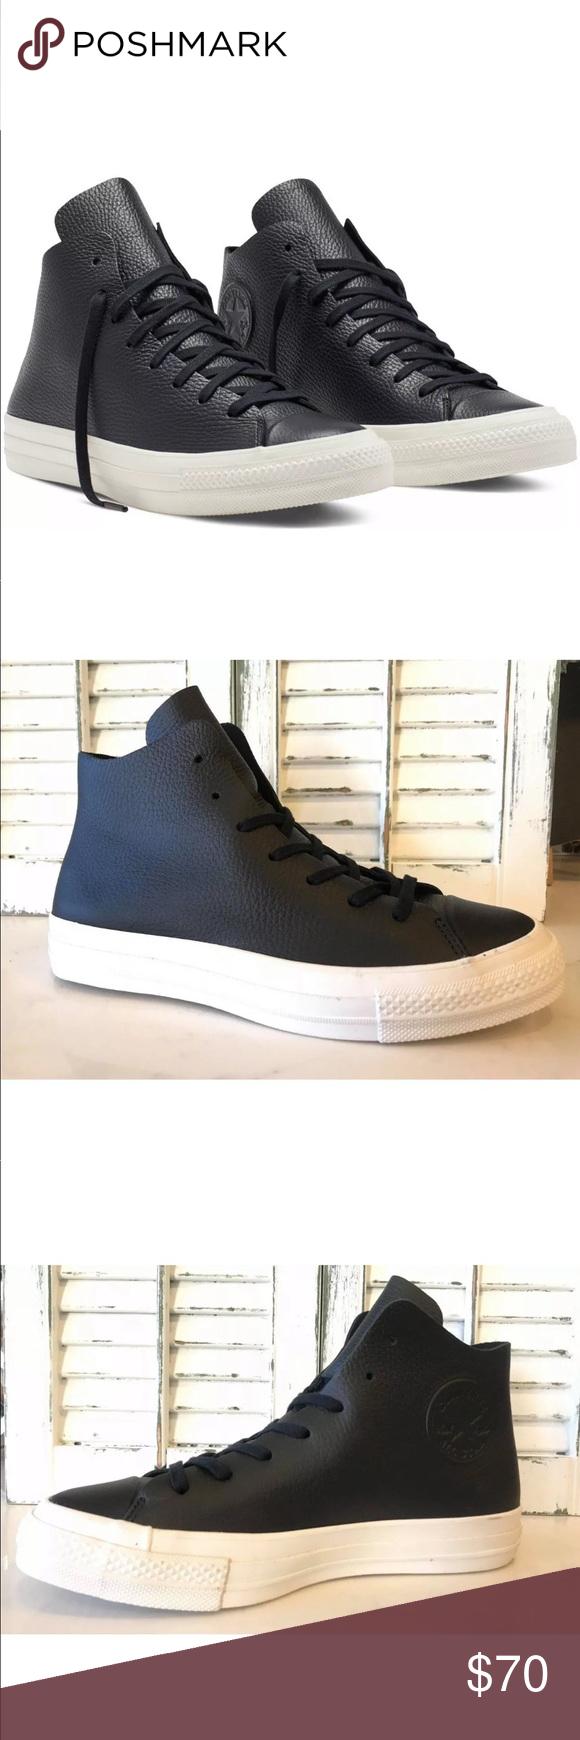 5ed60ec1c12d Men s Converse CTAS Prime HI Top Leather Shoes AUTHENTIC CONVERSE CTAS PRIME  HI TOP SNEAKERS COLOR